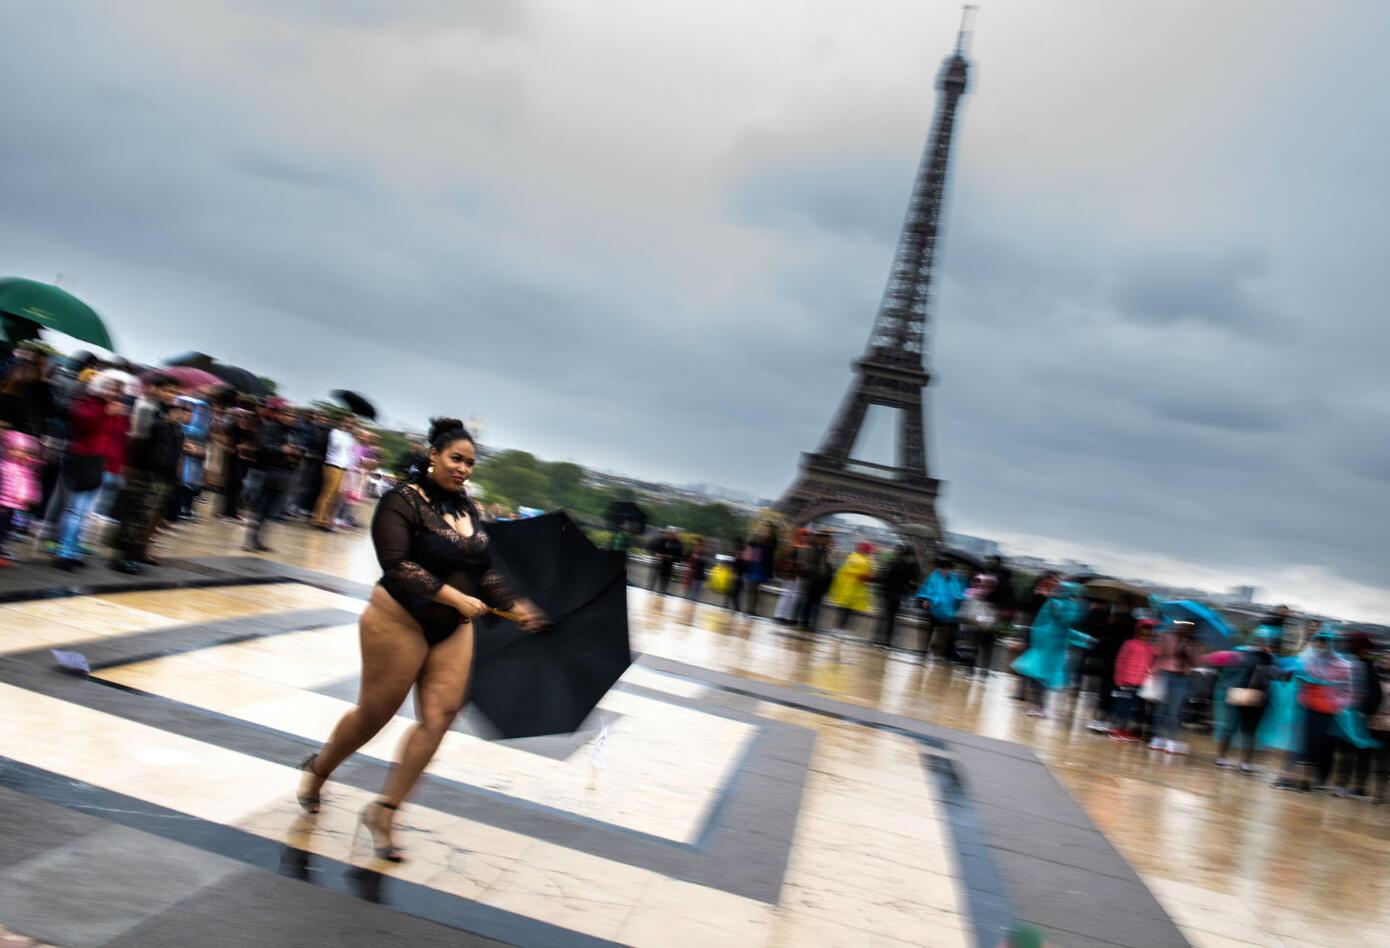 Modelos gorditas desfilaron frente a la Torre Eiffel